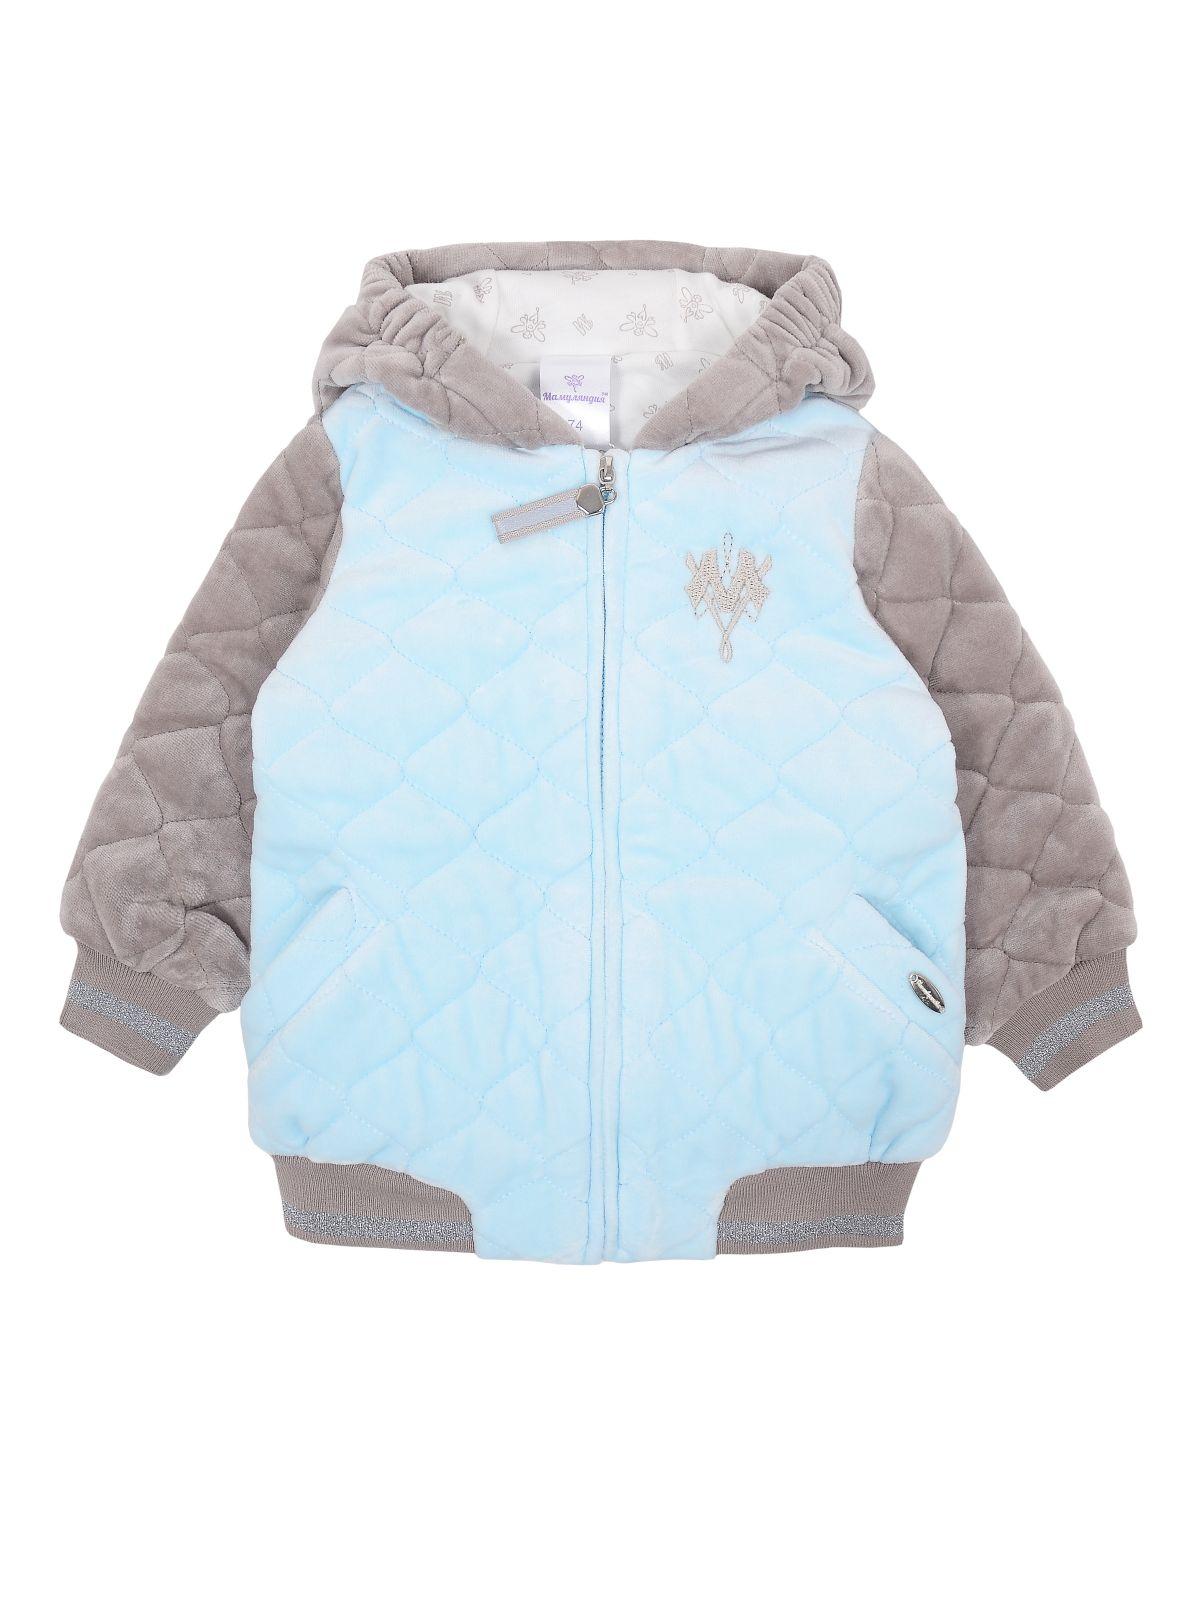 Куртка для мальчика Мамуляндия 19-507, Велюр, Голубой, серый р. 98